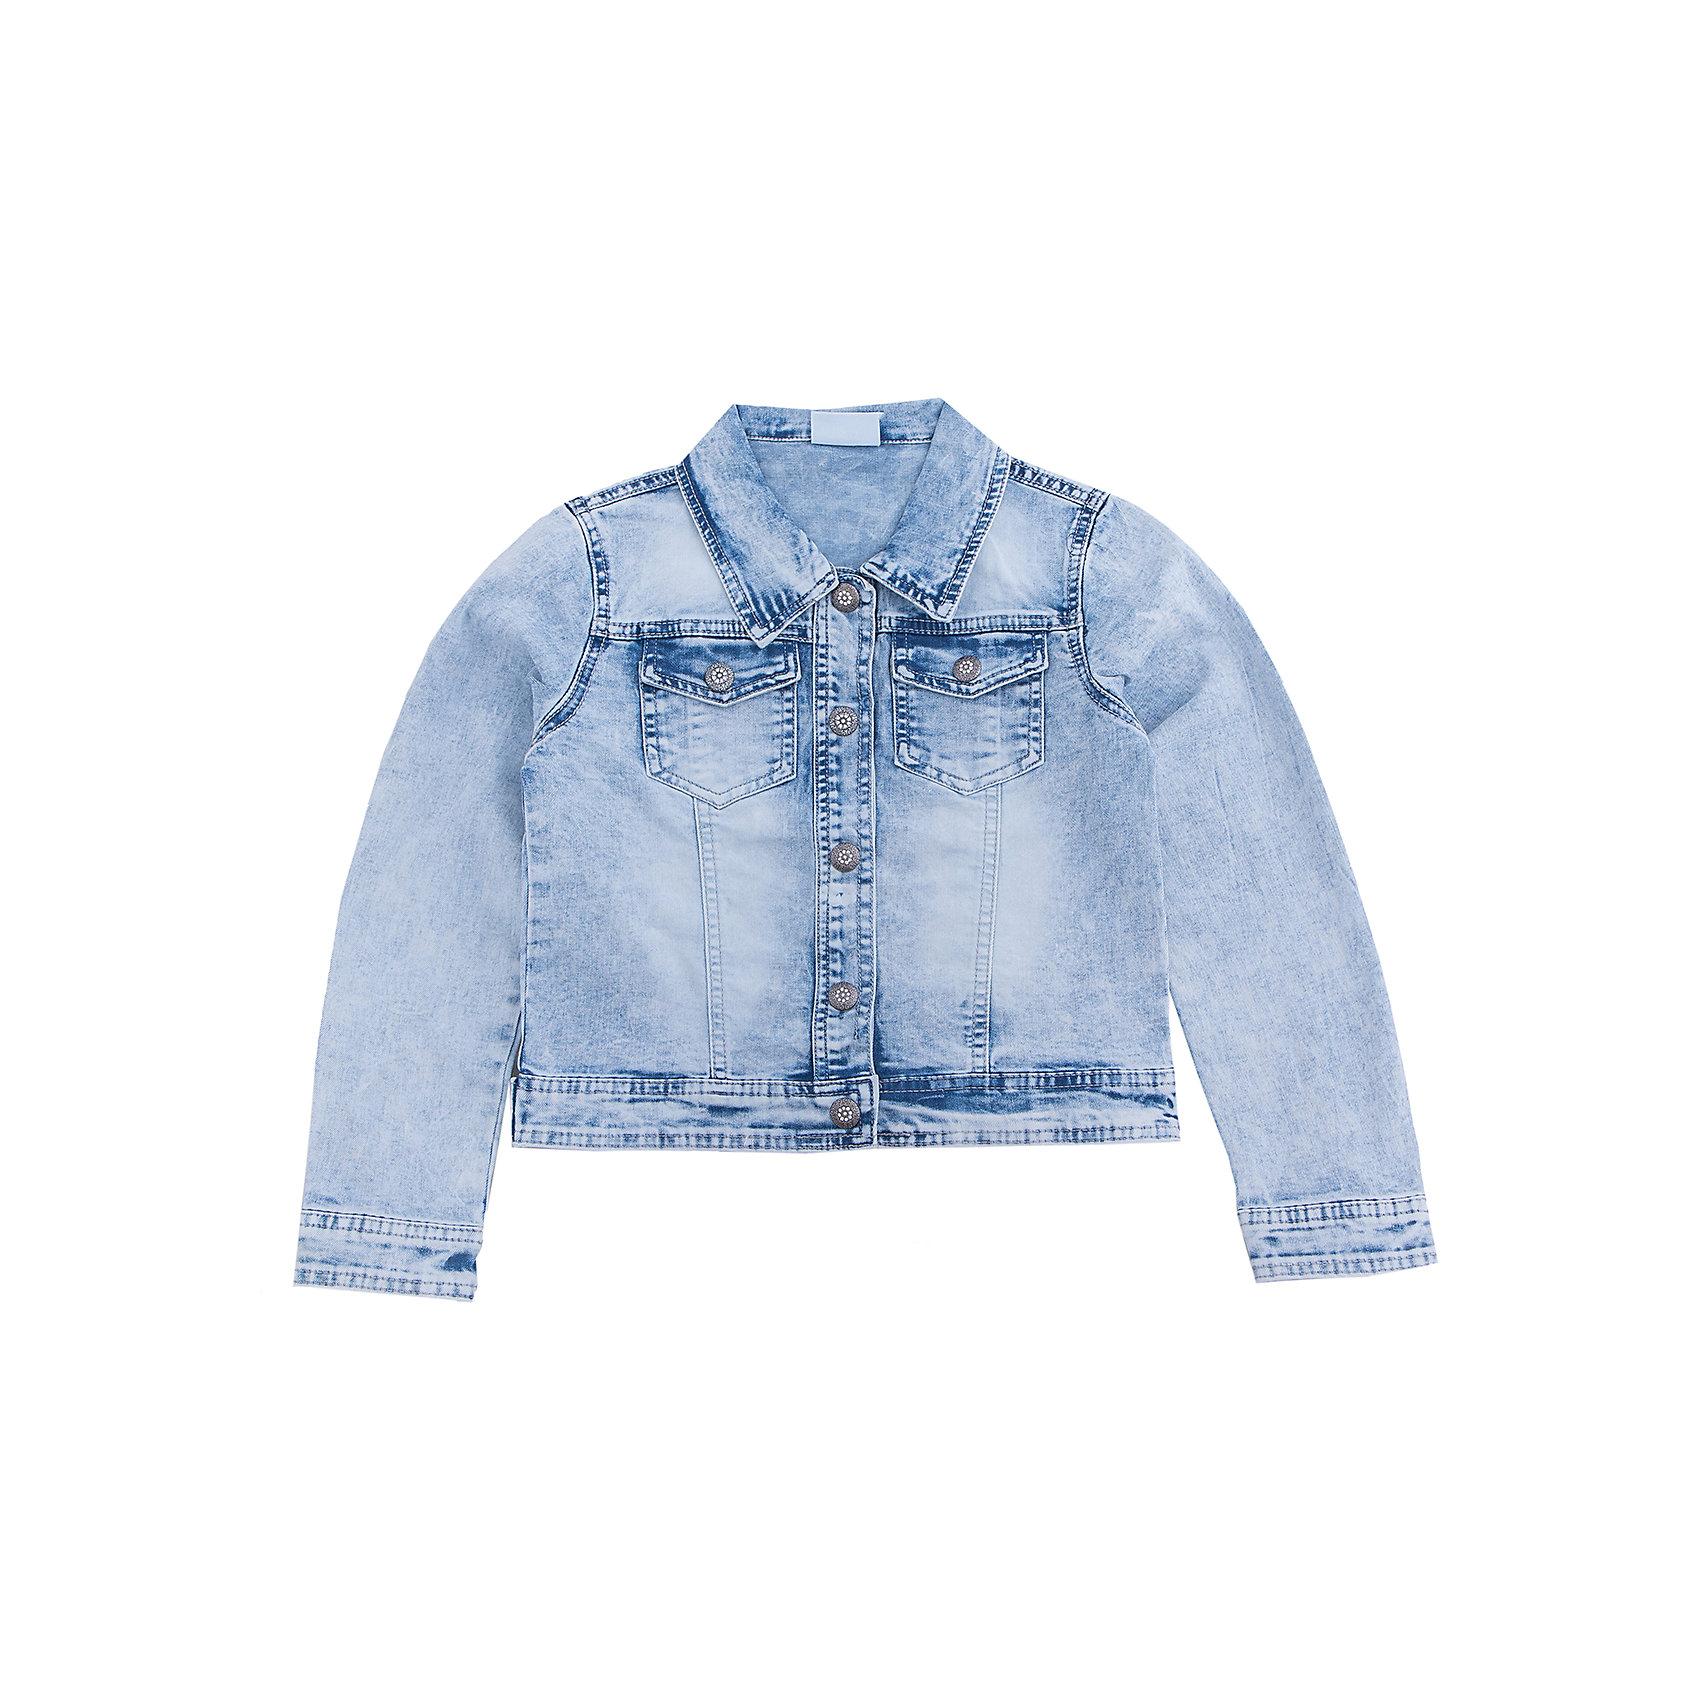 Куртка джинсовая для девочки LuminosoДжинсовая одежда<br>Модная джинсовая куртка для девочки с оригинальной варкой. Застегивается на пуговицы. На груди два накладных кармана.  Воротник отложной.<br>Состав:<br>98%хлопок 2%эластан<br><br>Ширина мм: 356<br>Глубина мм: 10<br>Высота мм: 245<br>Вес г: 519<br>Цвет: белый<br>Возраст от месяцев: 96<br>Возраст до месяцев: 108<br>Пол: Женский<br>Возраст: Детский<br>Размер: 134,140,146,152,158,164<br>SKU: 5413087